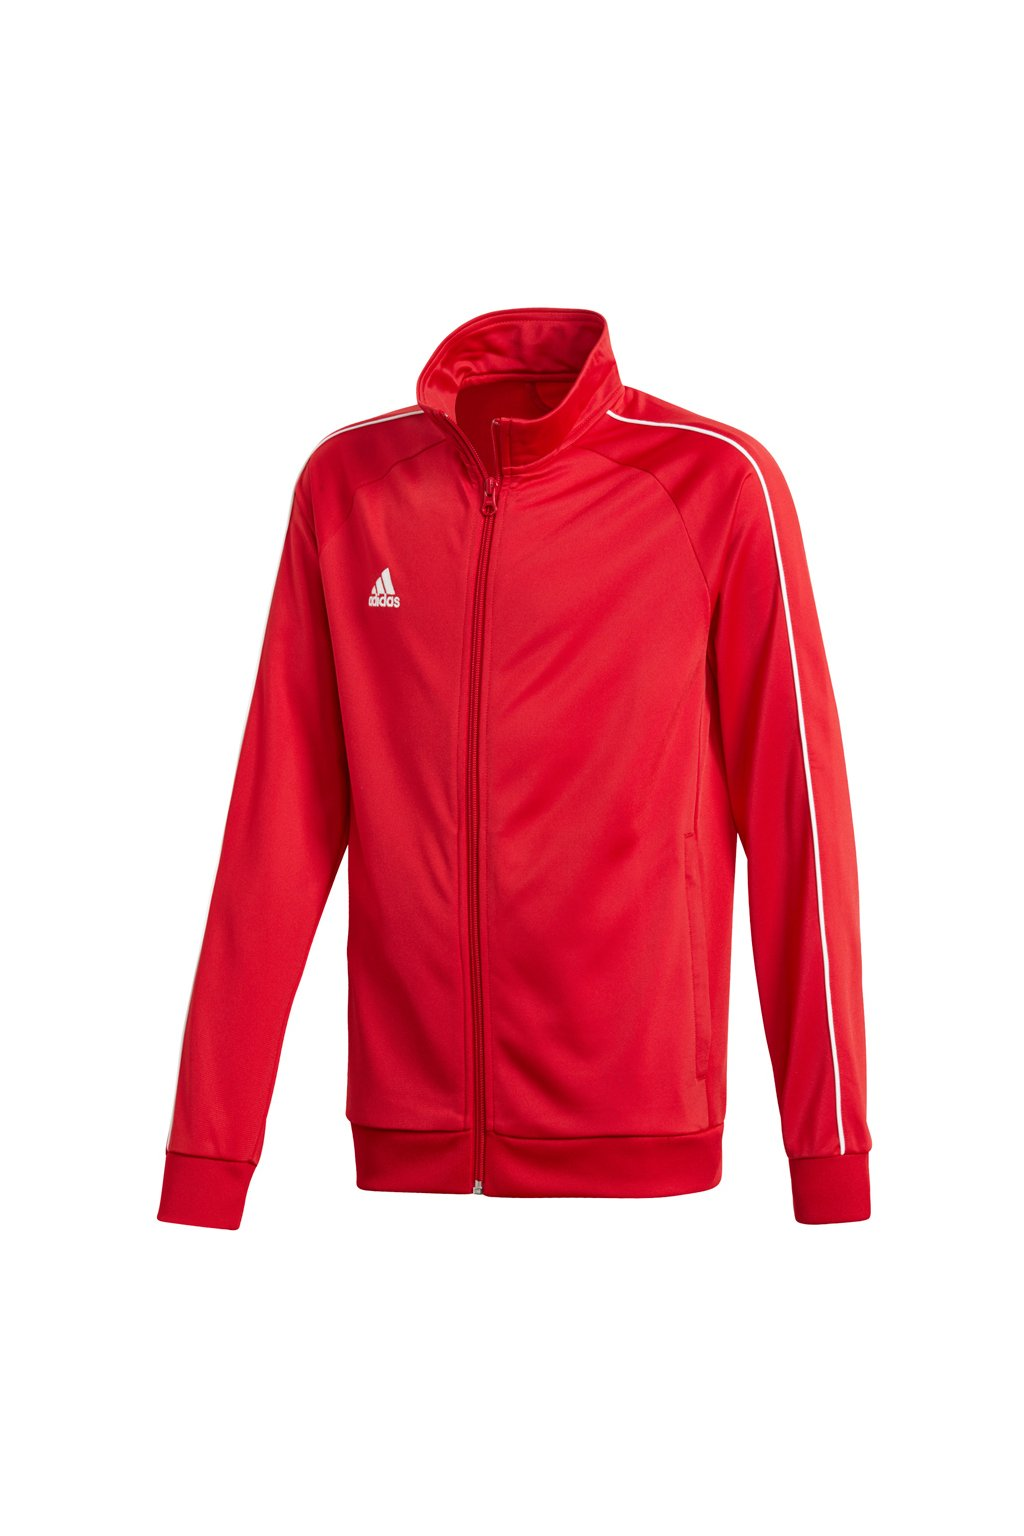 adidas j trf hoodie cd6501